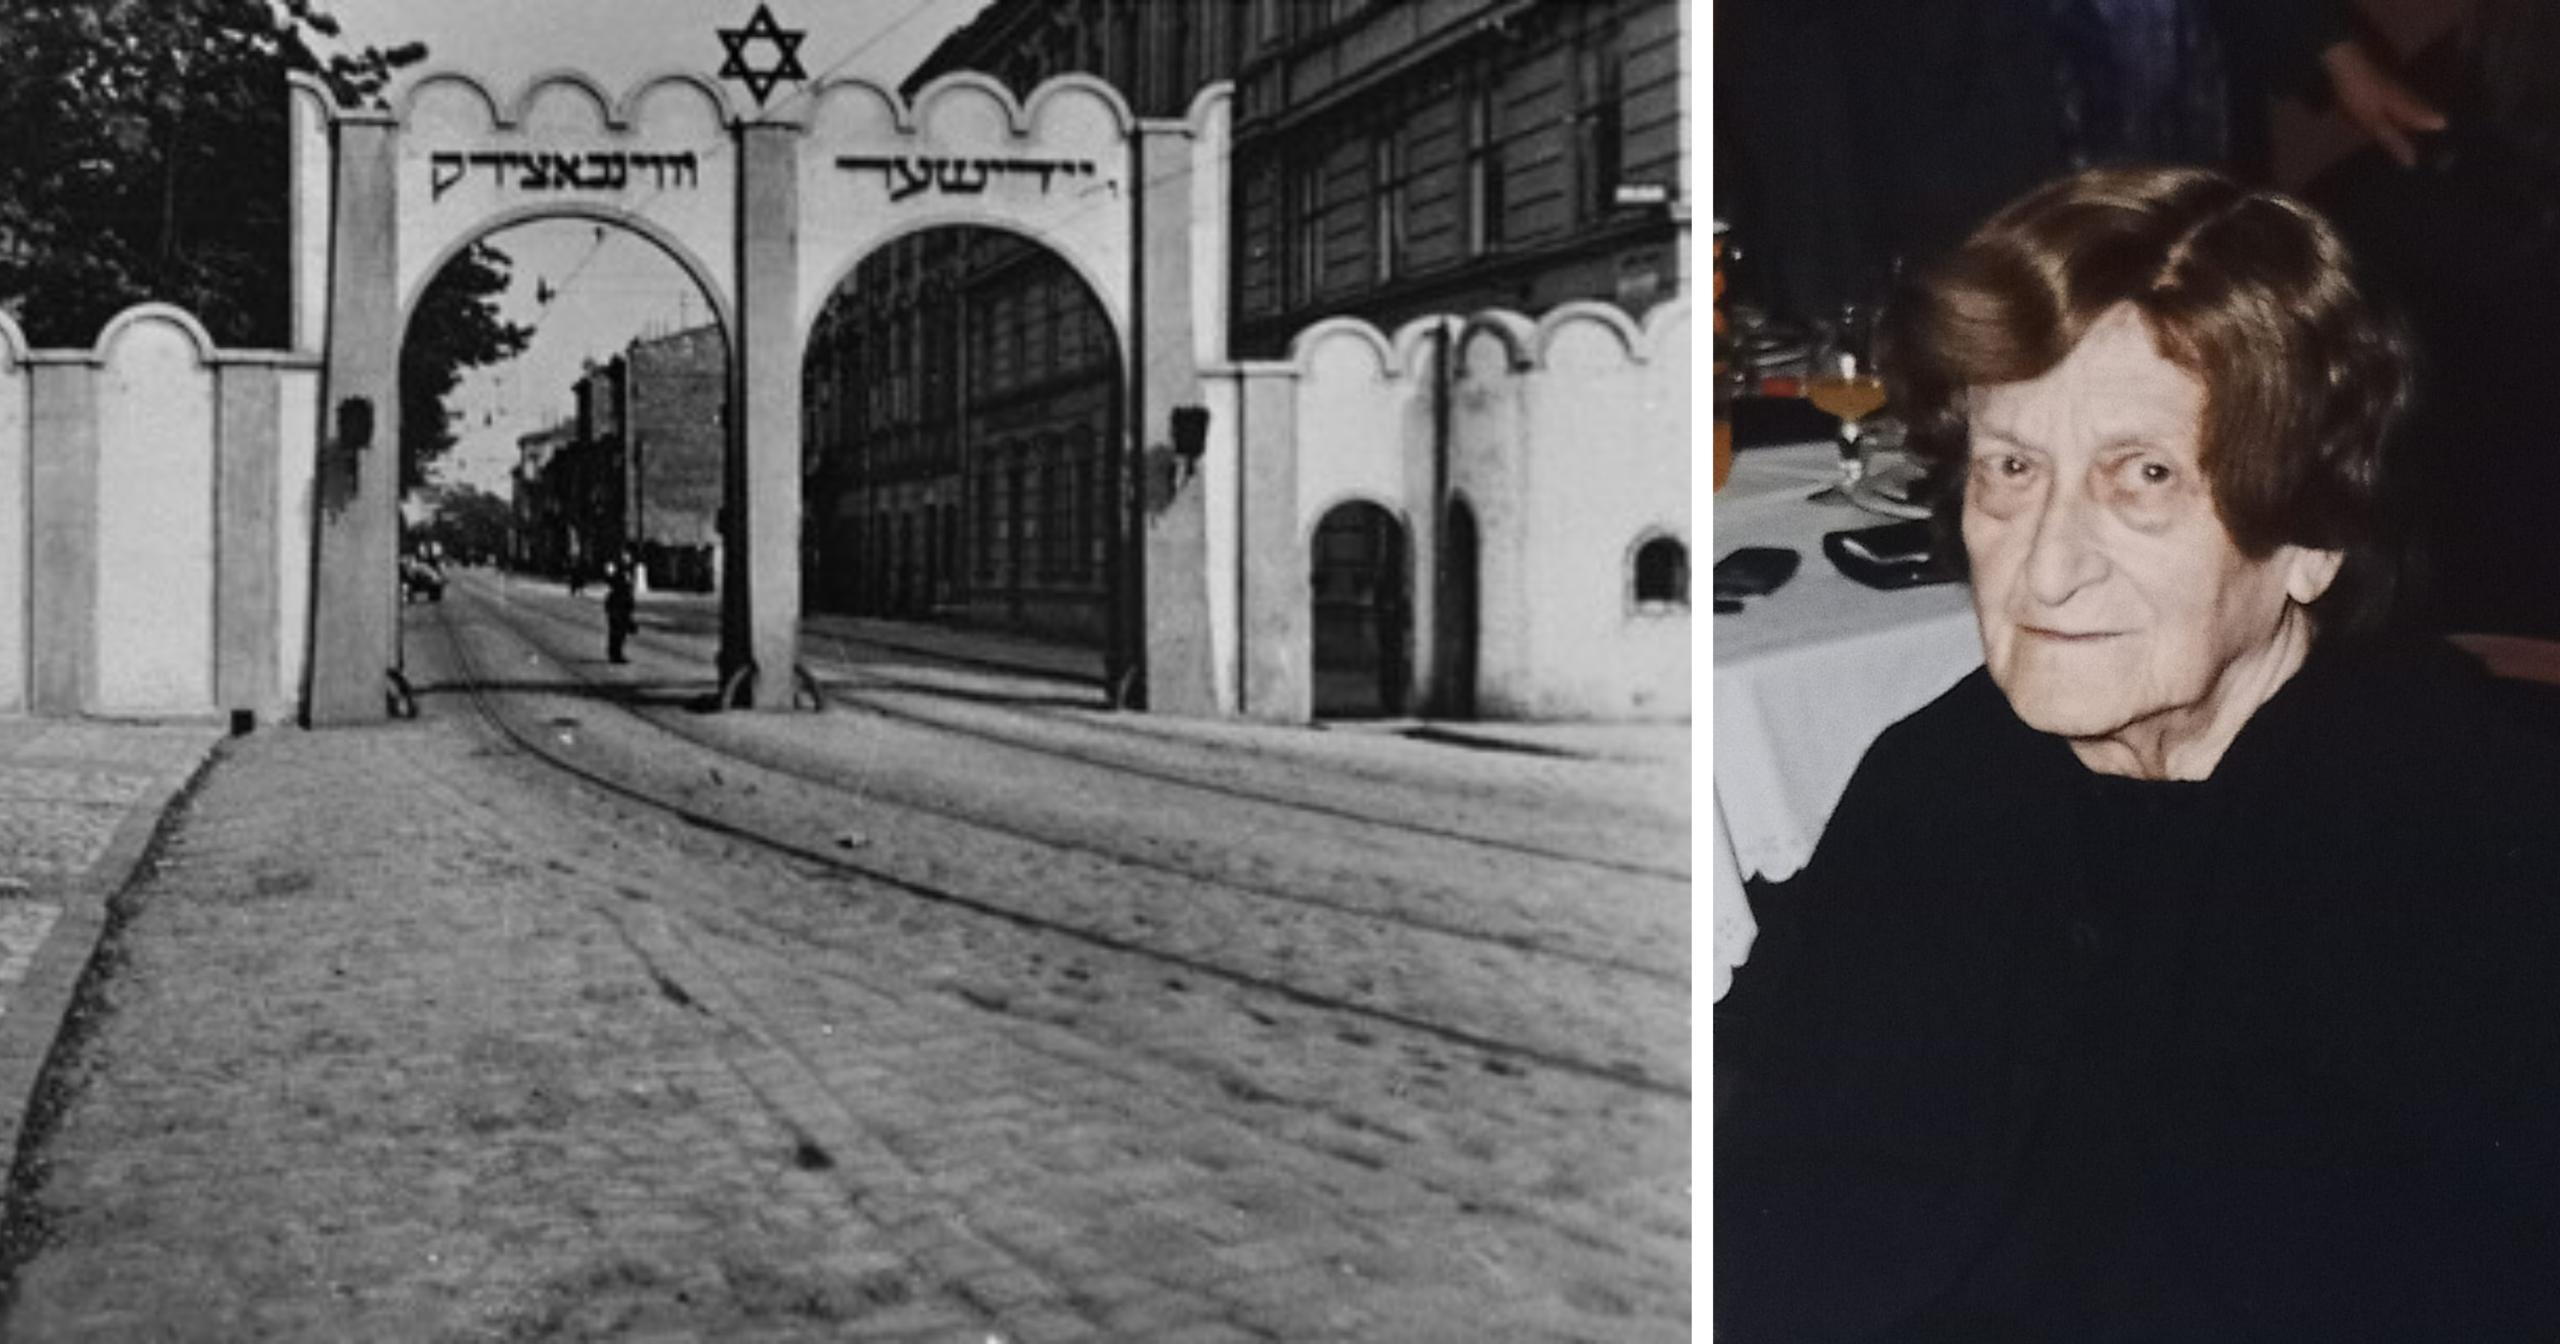 דורה ושער הכניסה לגטו היהודי בקרקוב ב-1941